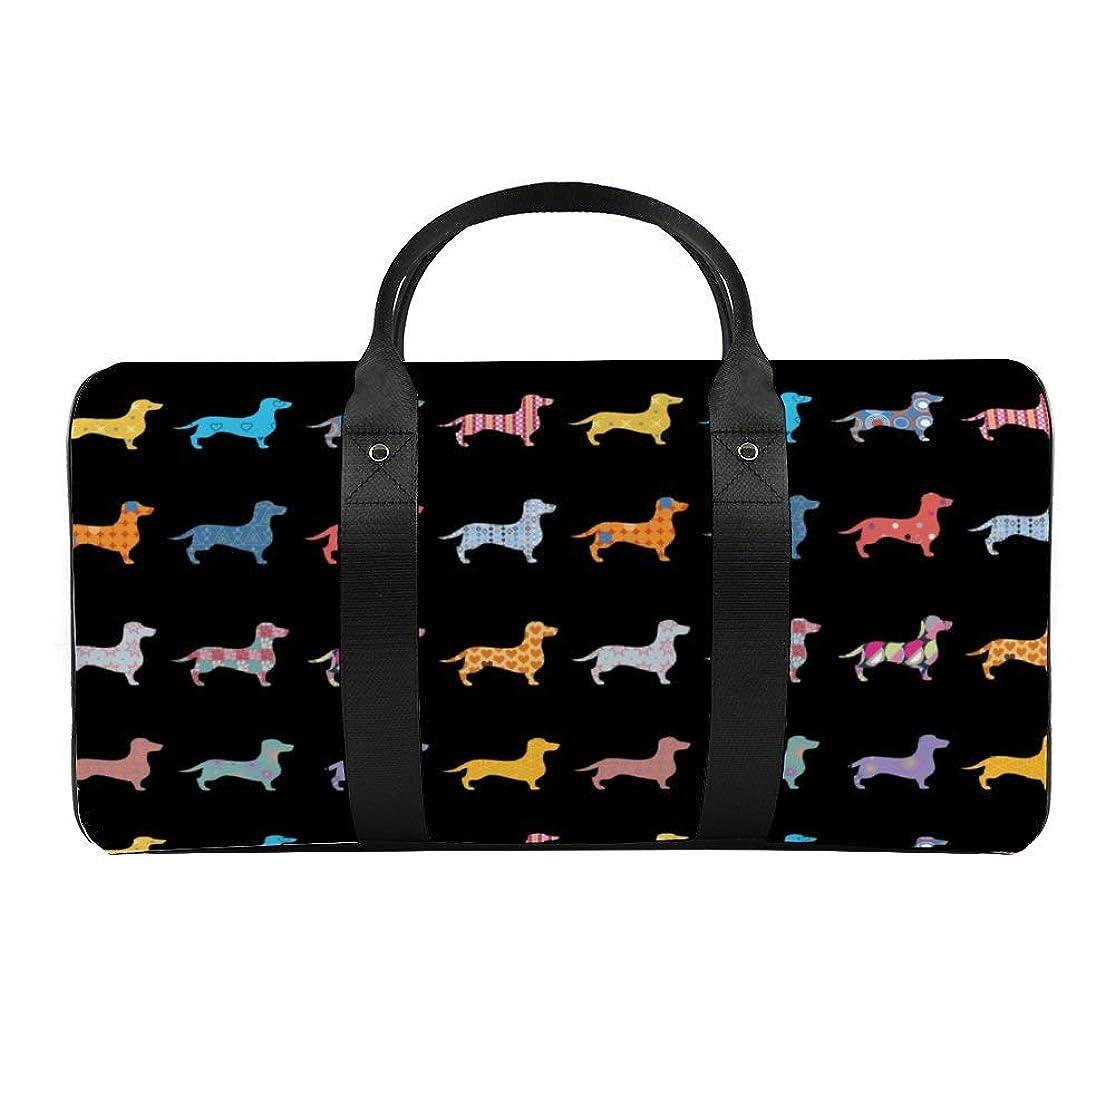 欠乏クール消化異なる色の犬ダッフルバッグ ボストンバッグ スポーツバッグ 旅行バッグ 旅行カバン メンズ レディース スポーツ ジムバッグ 大容量 ブランド